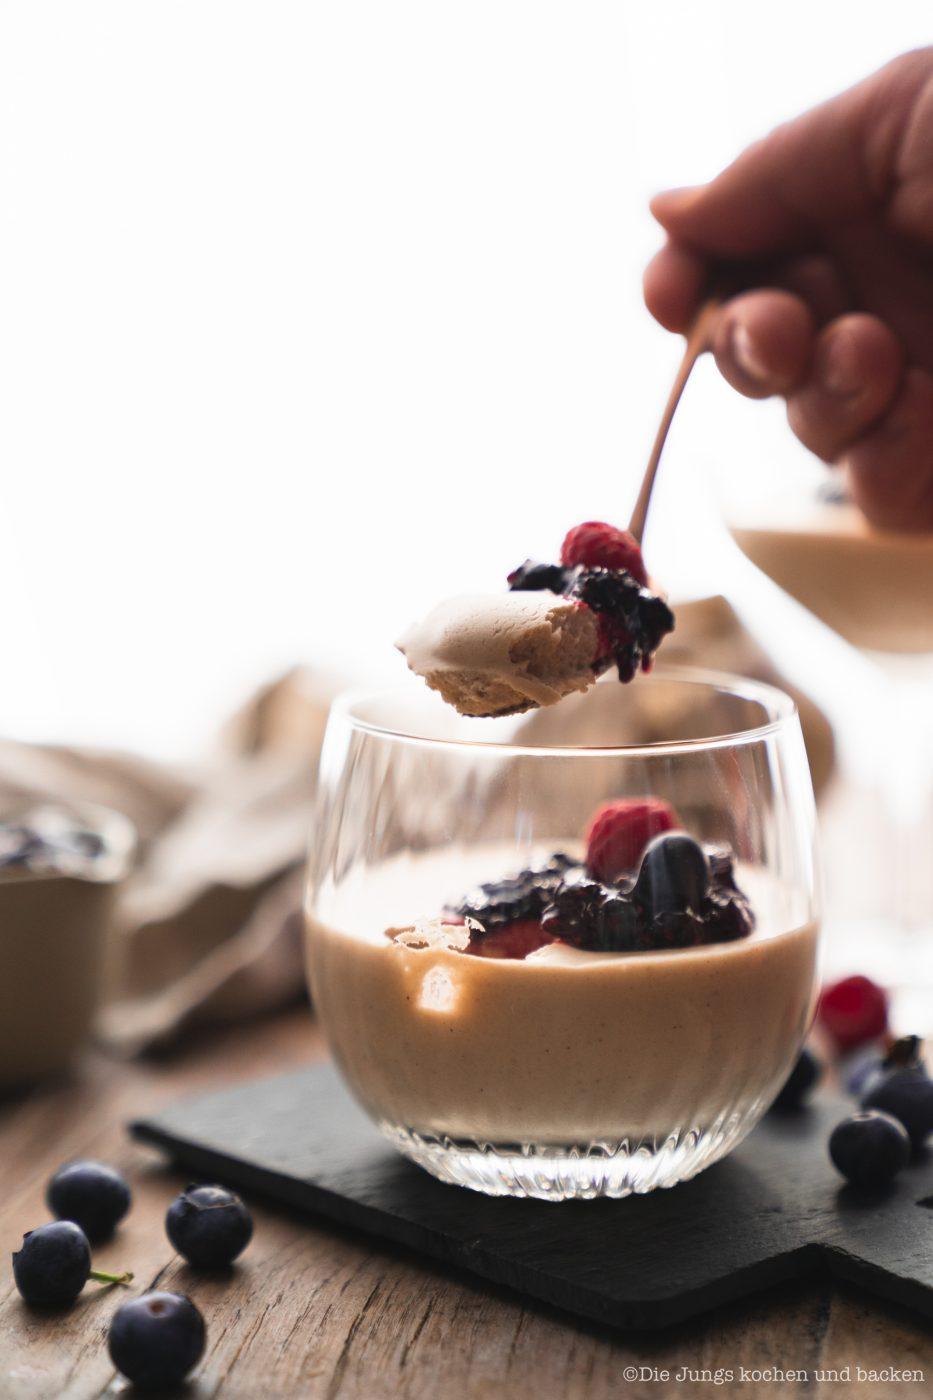 Bayerische Creme Zwiesel 17 | Wir haben ein Rezept für einen absoluten Creme-Klassiker dabei - Bayerische Creme! Wir servieren die leckere Creme in Gläsern, denn wir haben uns mal wieder mit unserem Partner Zwiesel Glas zusammengetan. Gläser können eben nicht nur das Beste aus Weinen und Drinks hervorlocken, sie sind auch ein Hingucker für die Vielzahl an Glasdesserts! Gerade für Parties oder generell, wenn wir für mehrere Personen kochen, ist ein Dessert aus dem Glas einfach unglaublich praktisch. Wie wir auf die Idee kamen? Zwiesel Glas sitzt im bayerischen Wald. Also haben wir mit ihnen bayerische Creme gemacht ... logisch, oder?!